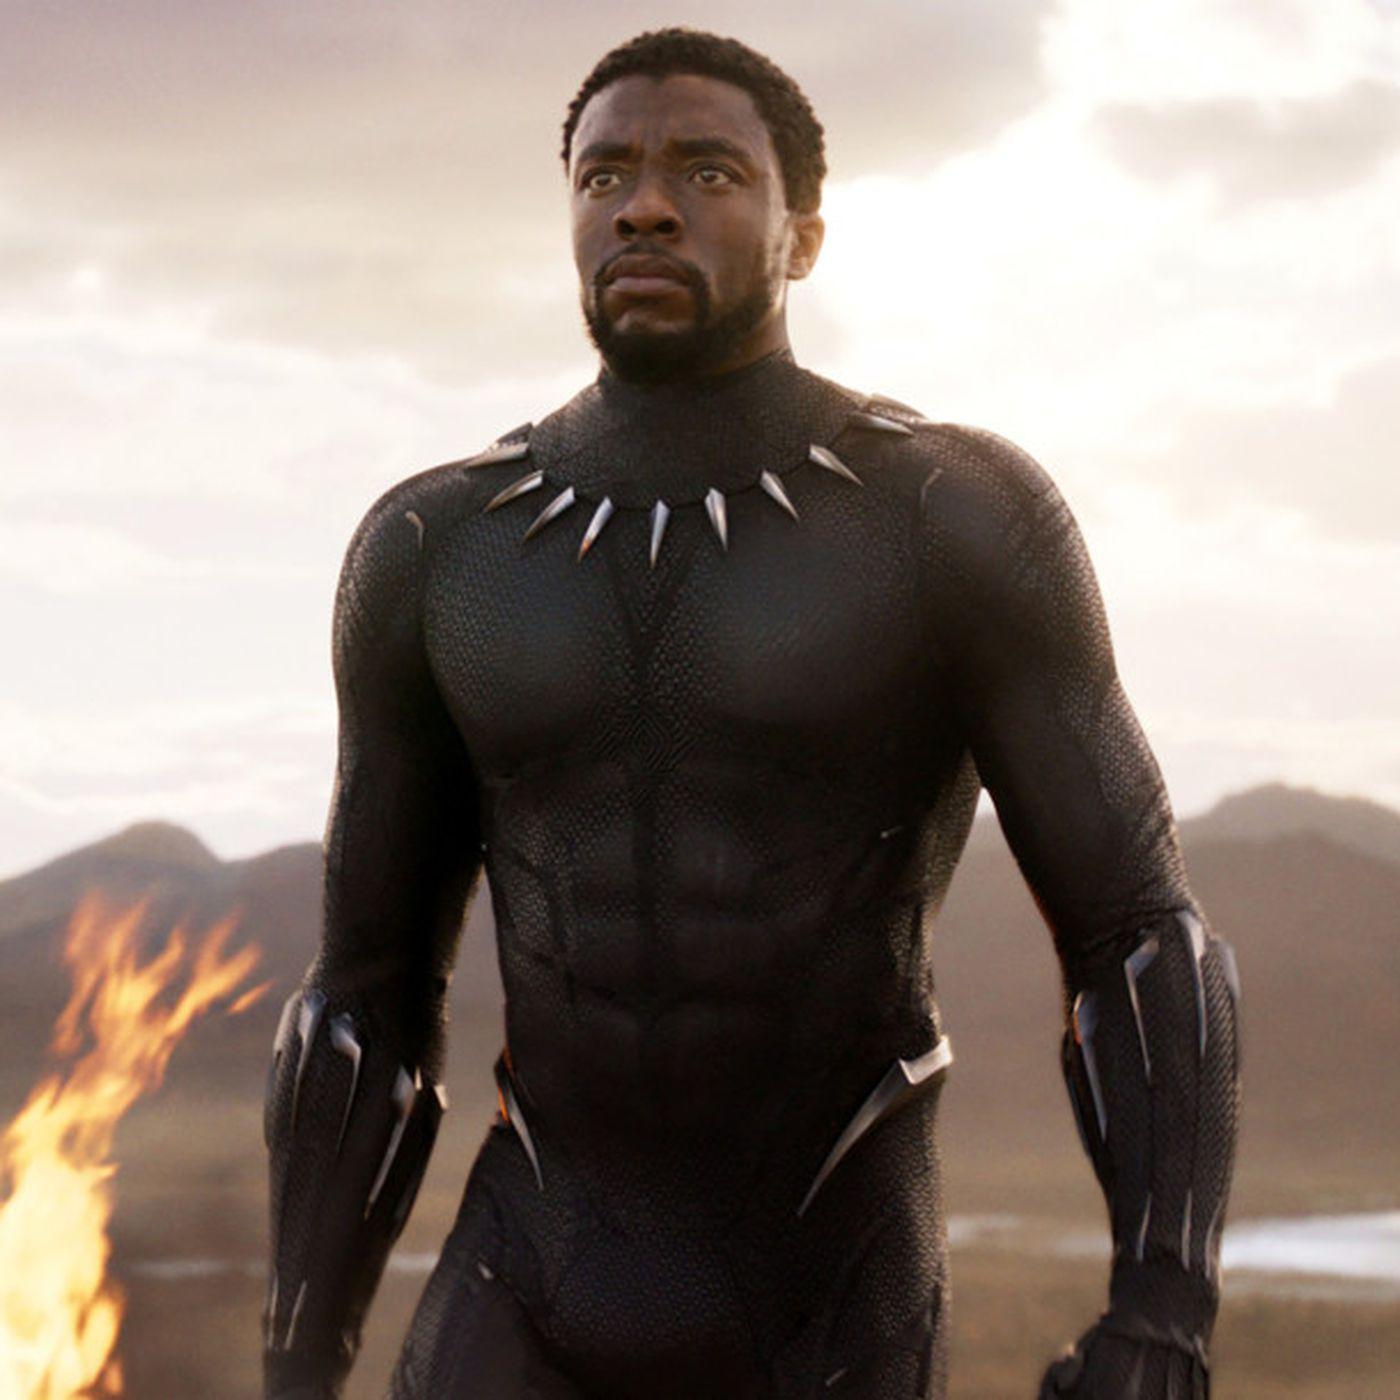 black-panther-actor-dies-3.jpg